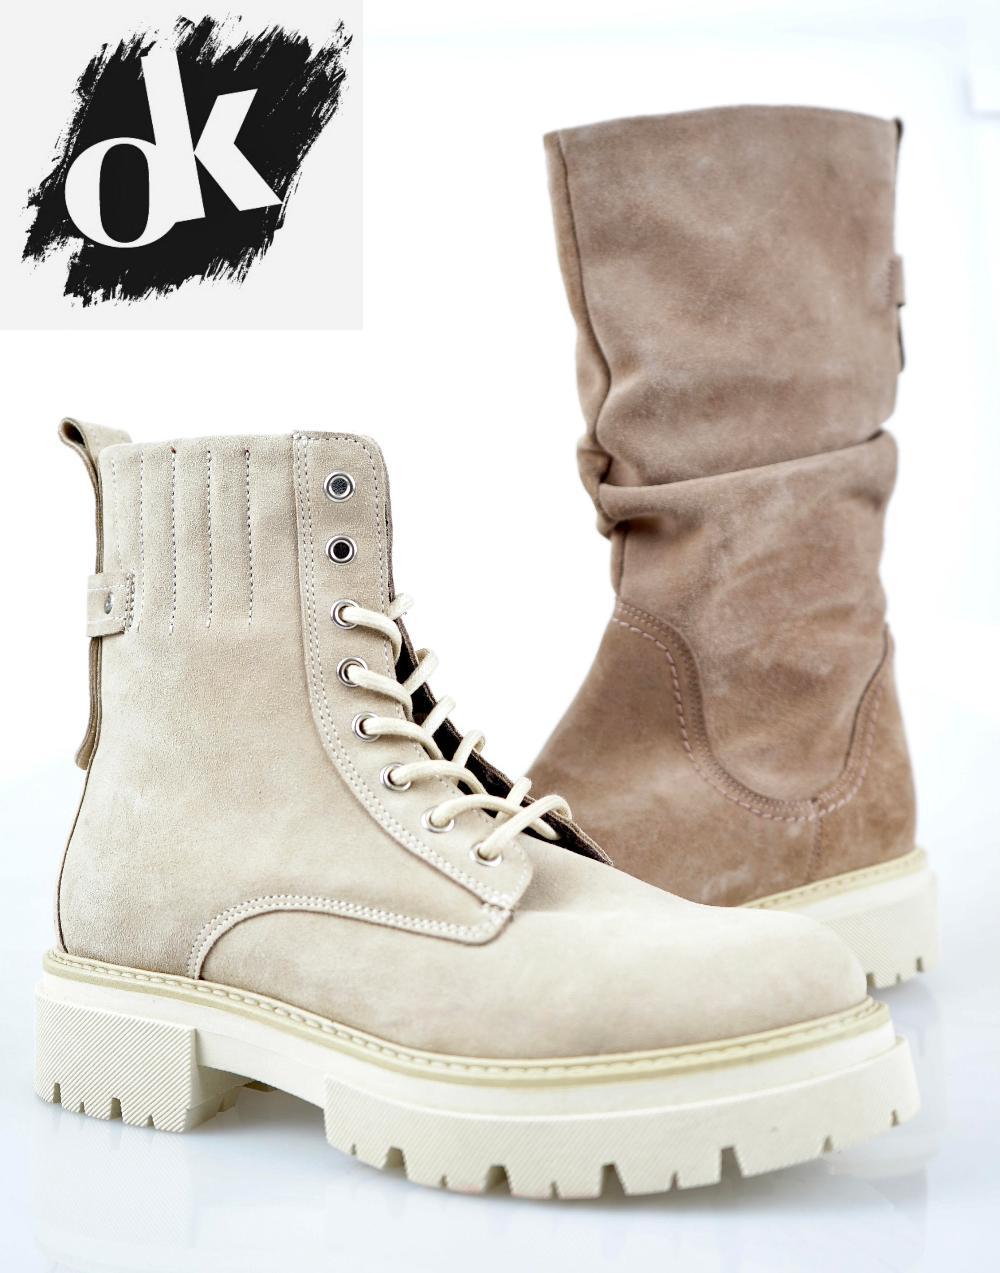 Otto Klein brand at Euro Shoes